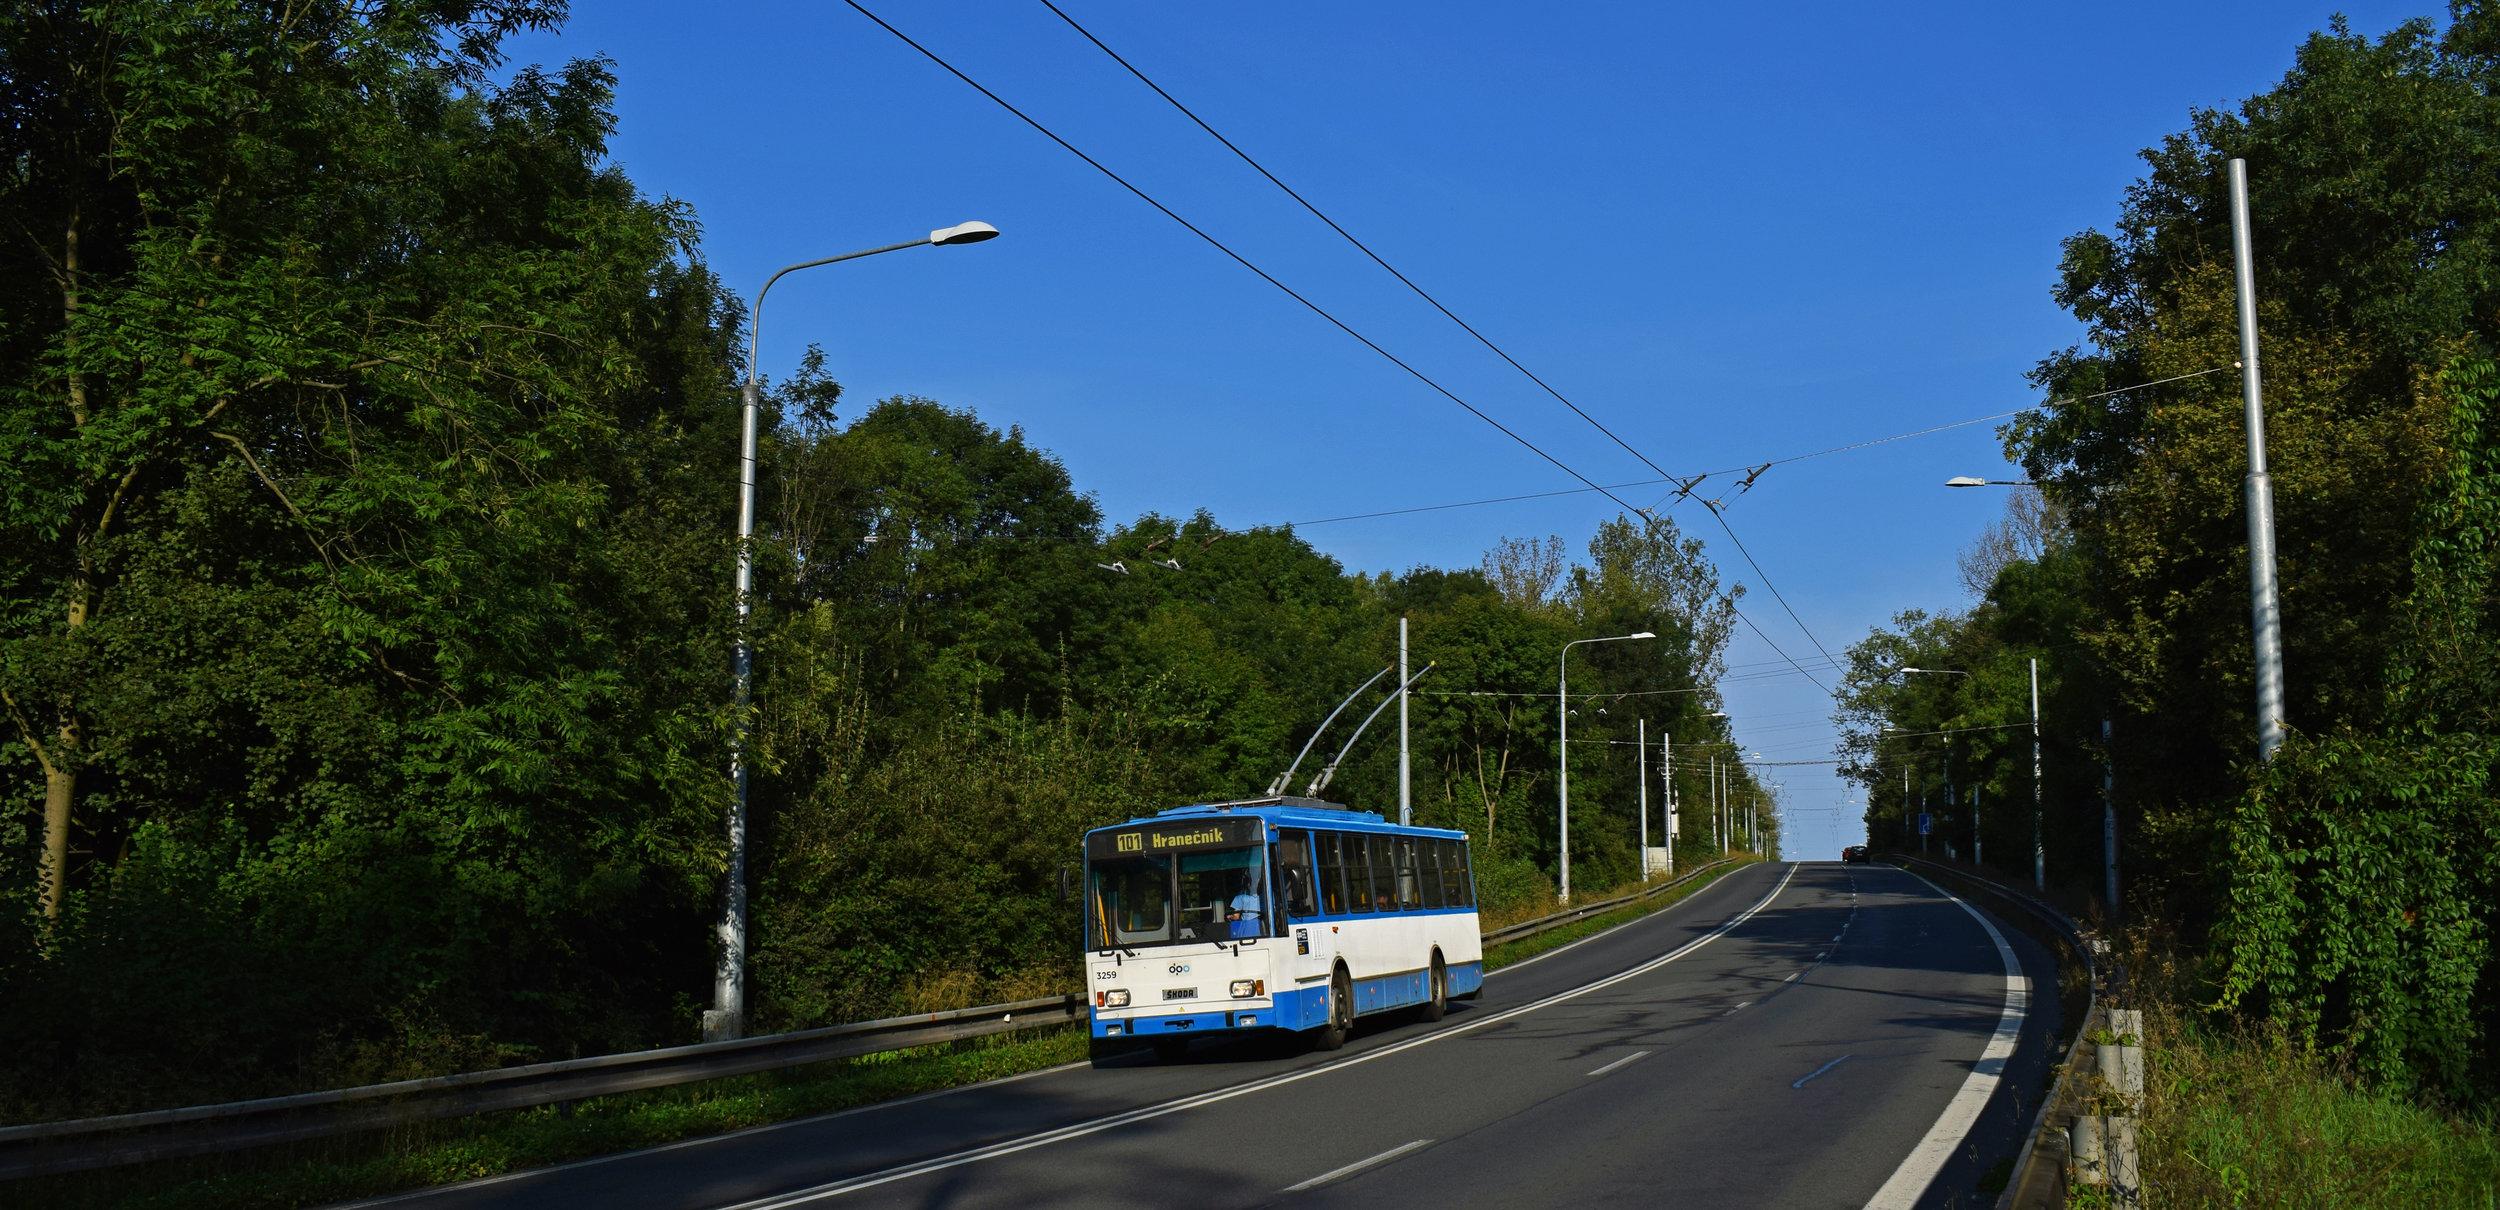 Trolejbus na zatím posledním otevřeném úseku na Hranečník dne 9. 9. 2017. Dočká se ostravská trolejbusová síť dalšího rozšiřování? (foto: Petr Bystroň)